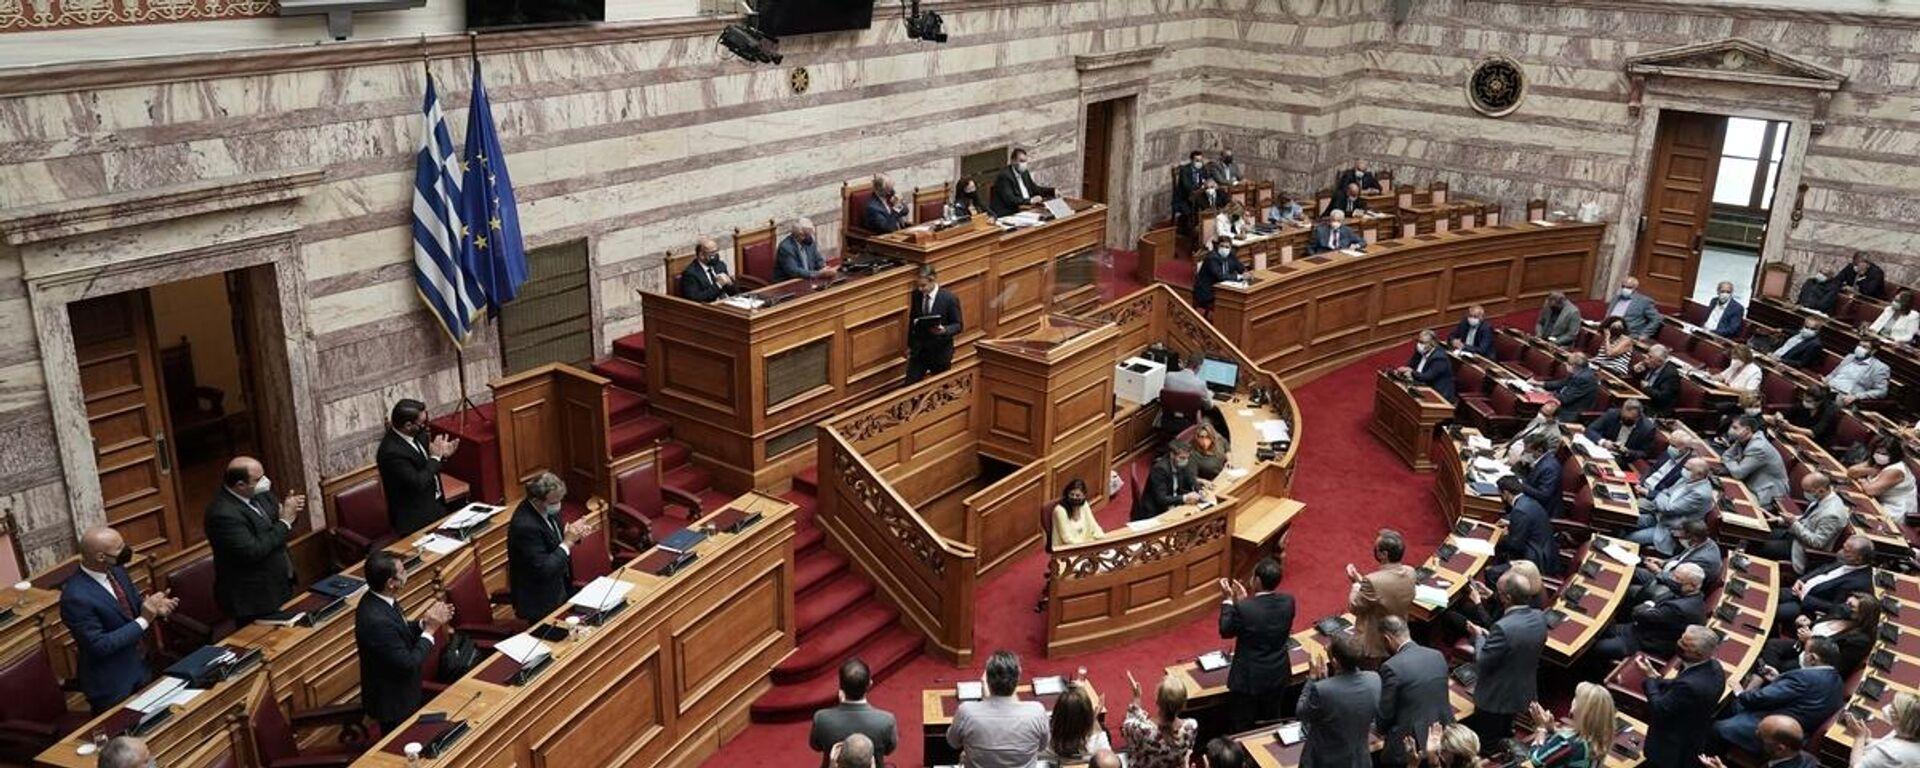 Συζήτηση στη Βουλή για τη διαχείριση των καταστροφικών πυρκαγιών και τα μέτρα αποκατάστασης - Sputnik Ελλάδα, 1920, 01.10.2021